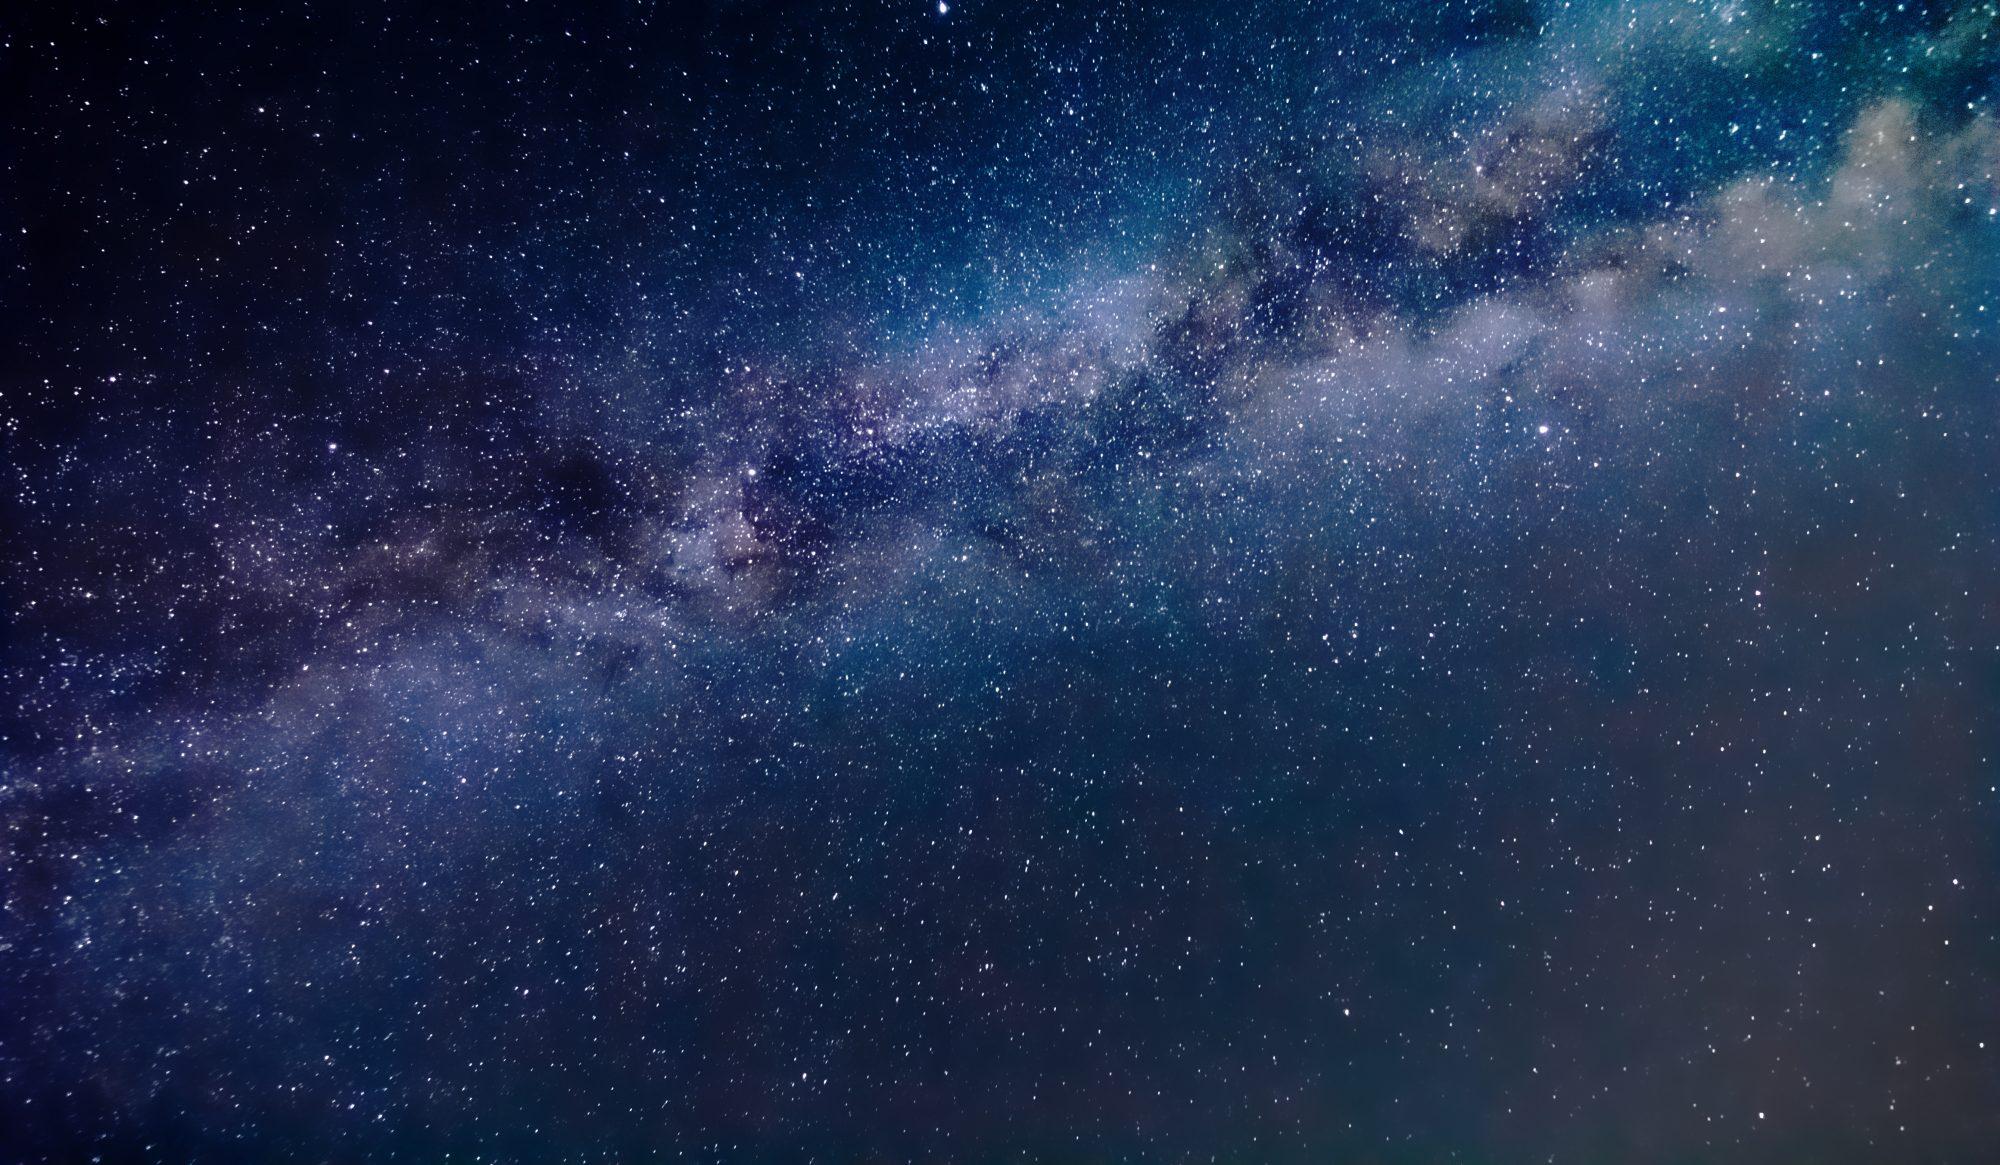 پرونده ویژه: قسمت پنجم، فلسفه طبیعت و علم النجوم التعلیمی